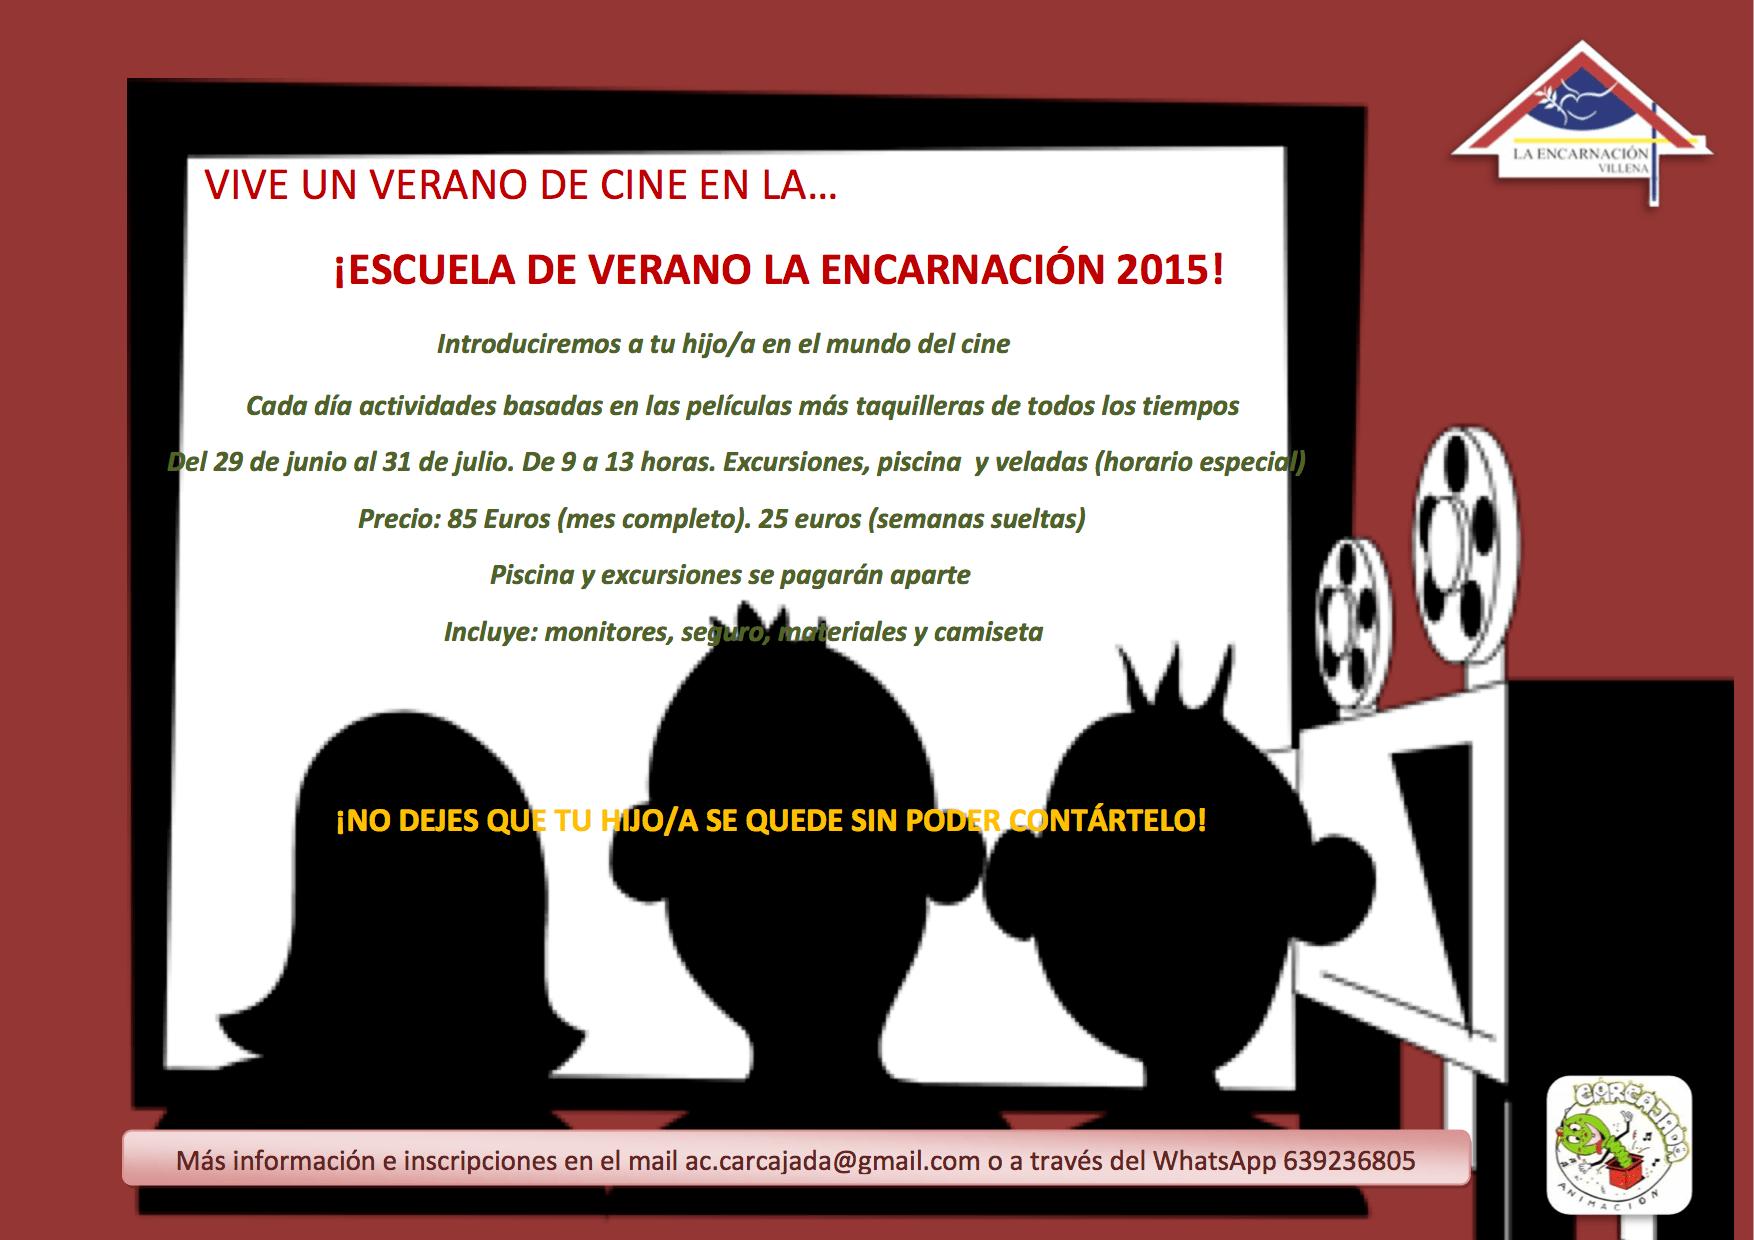 Escuela Verano 2015. Un verano de Cine.